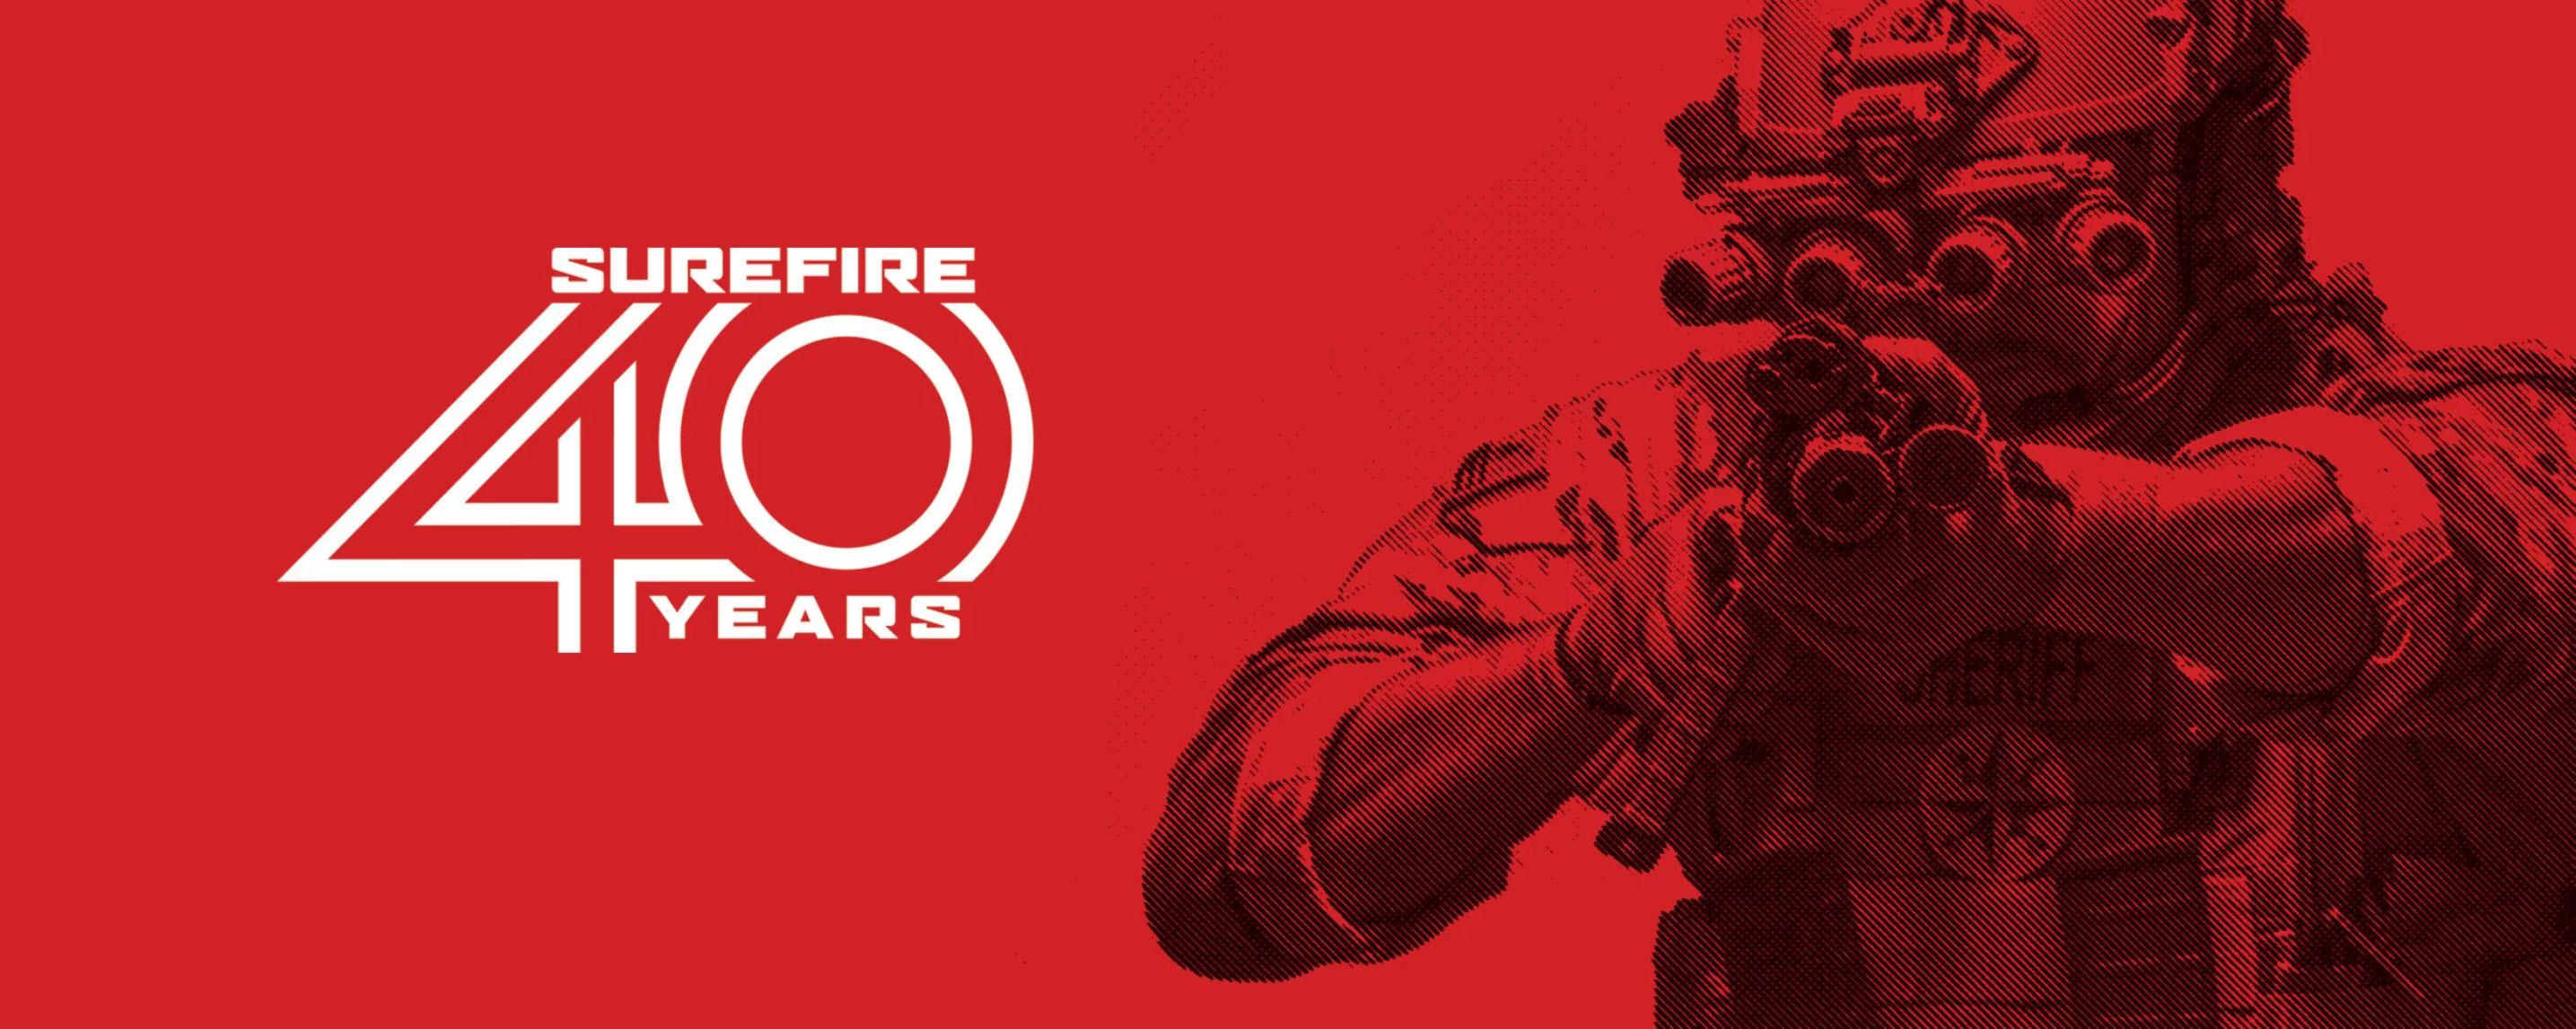 SureFire Celebrates 40th Anniversary